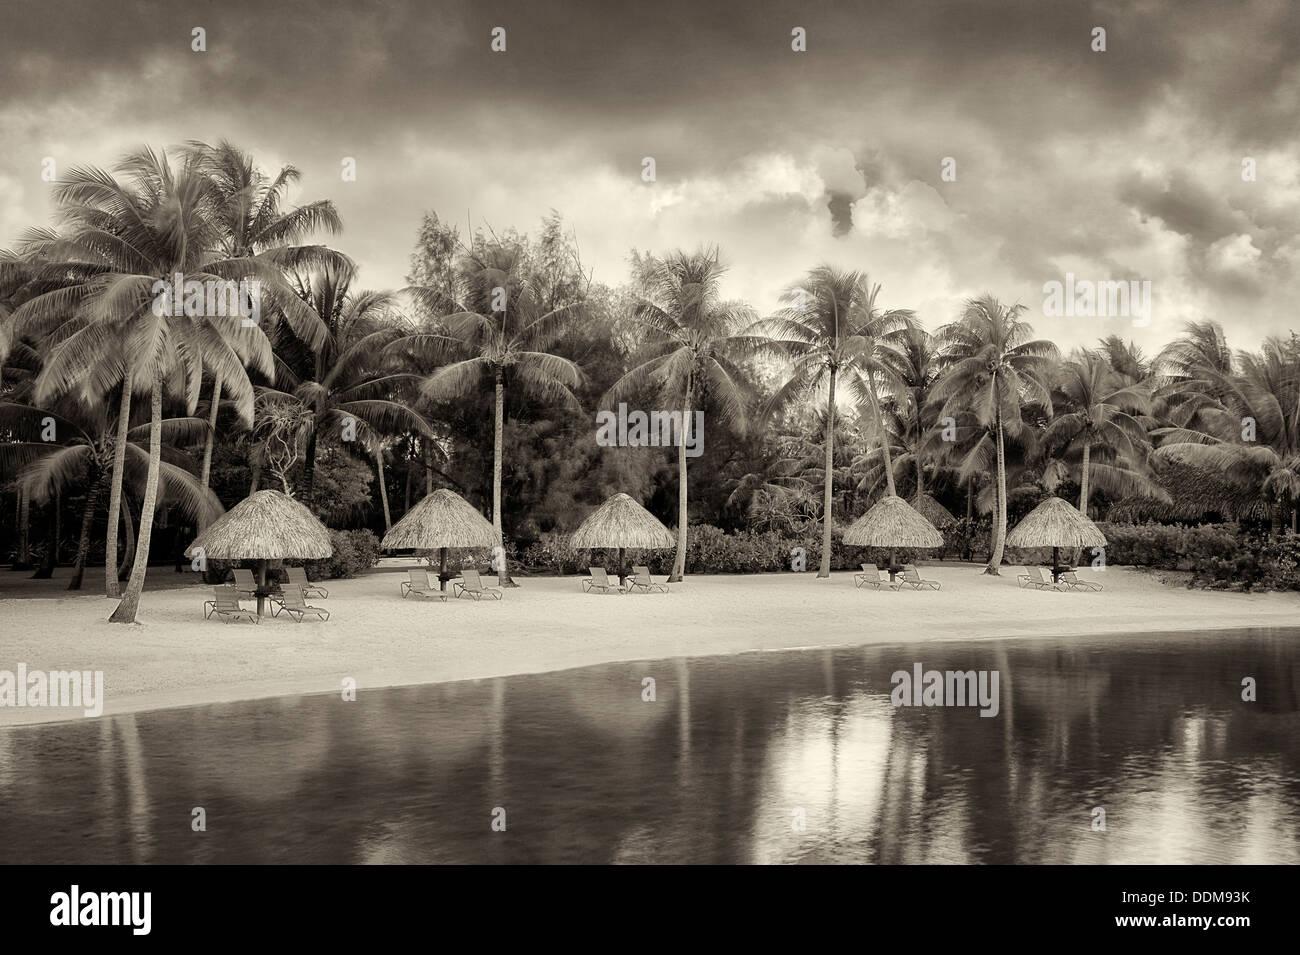 Unbrellas and chairs on lagoon beach. Bora Bora. French Polynesia. - Stock Image